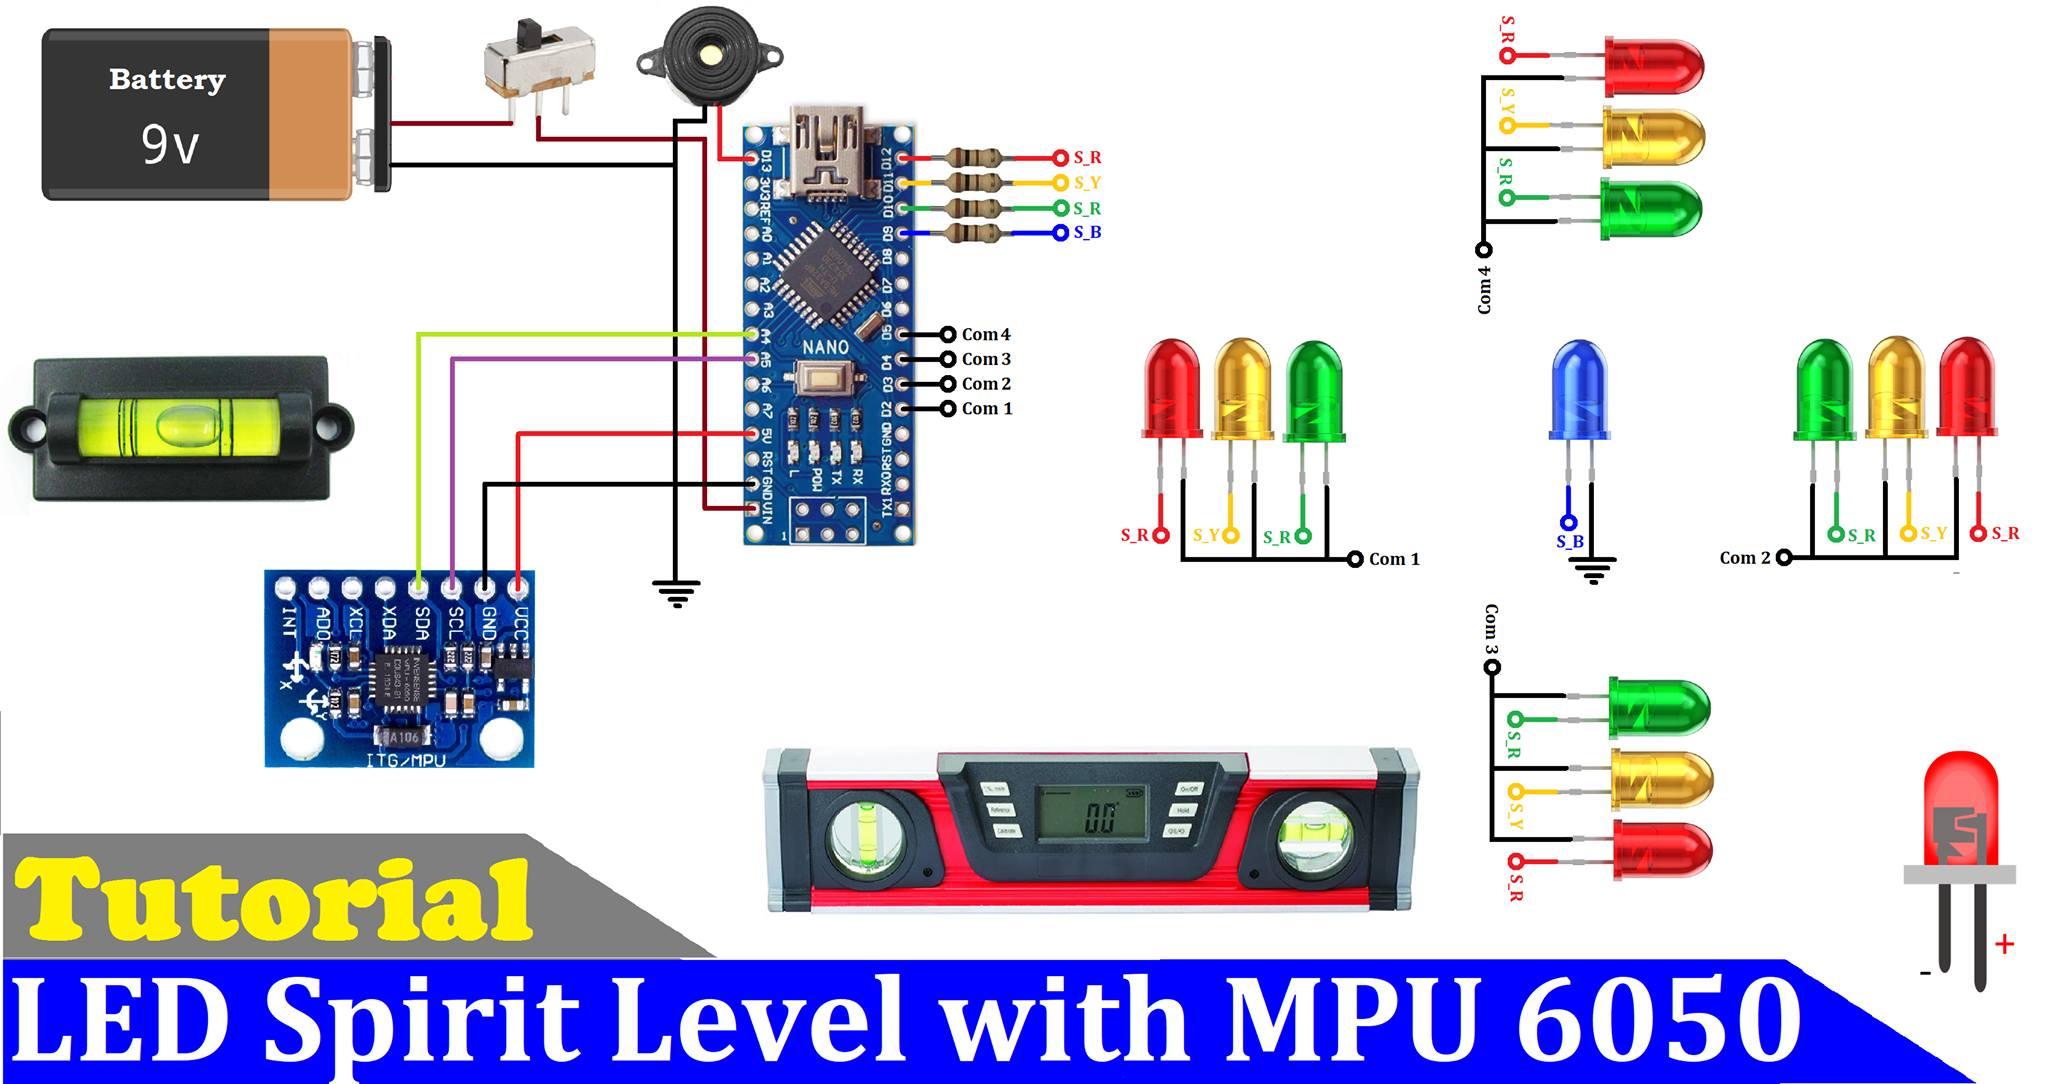 How to make a led spirit level using arduino and mpu6050 sdxjtgx7no